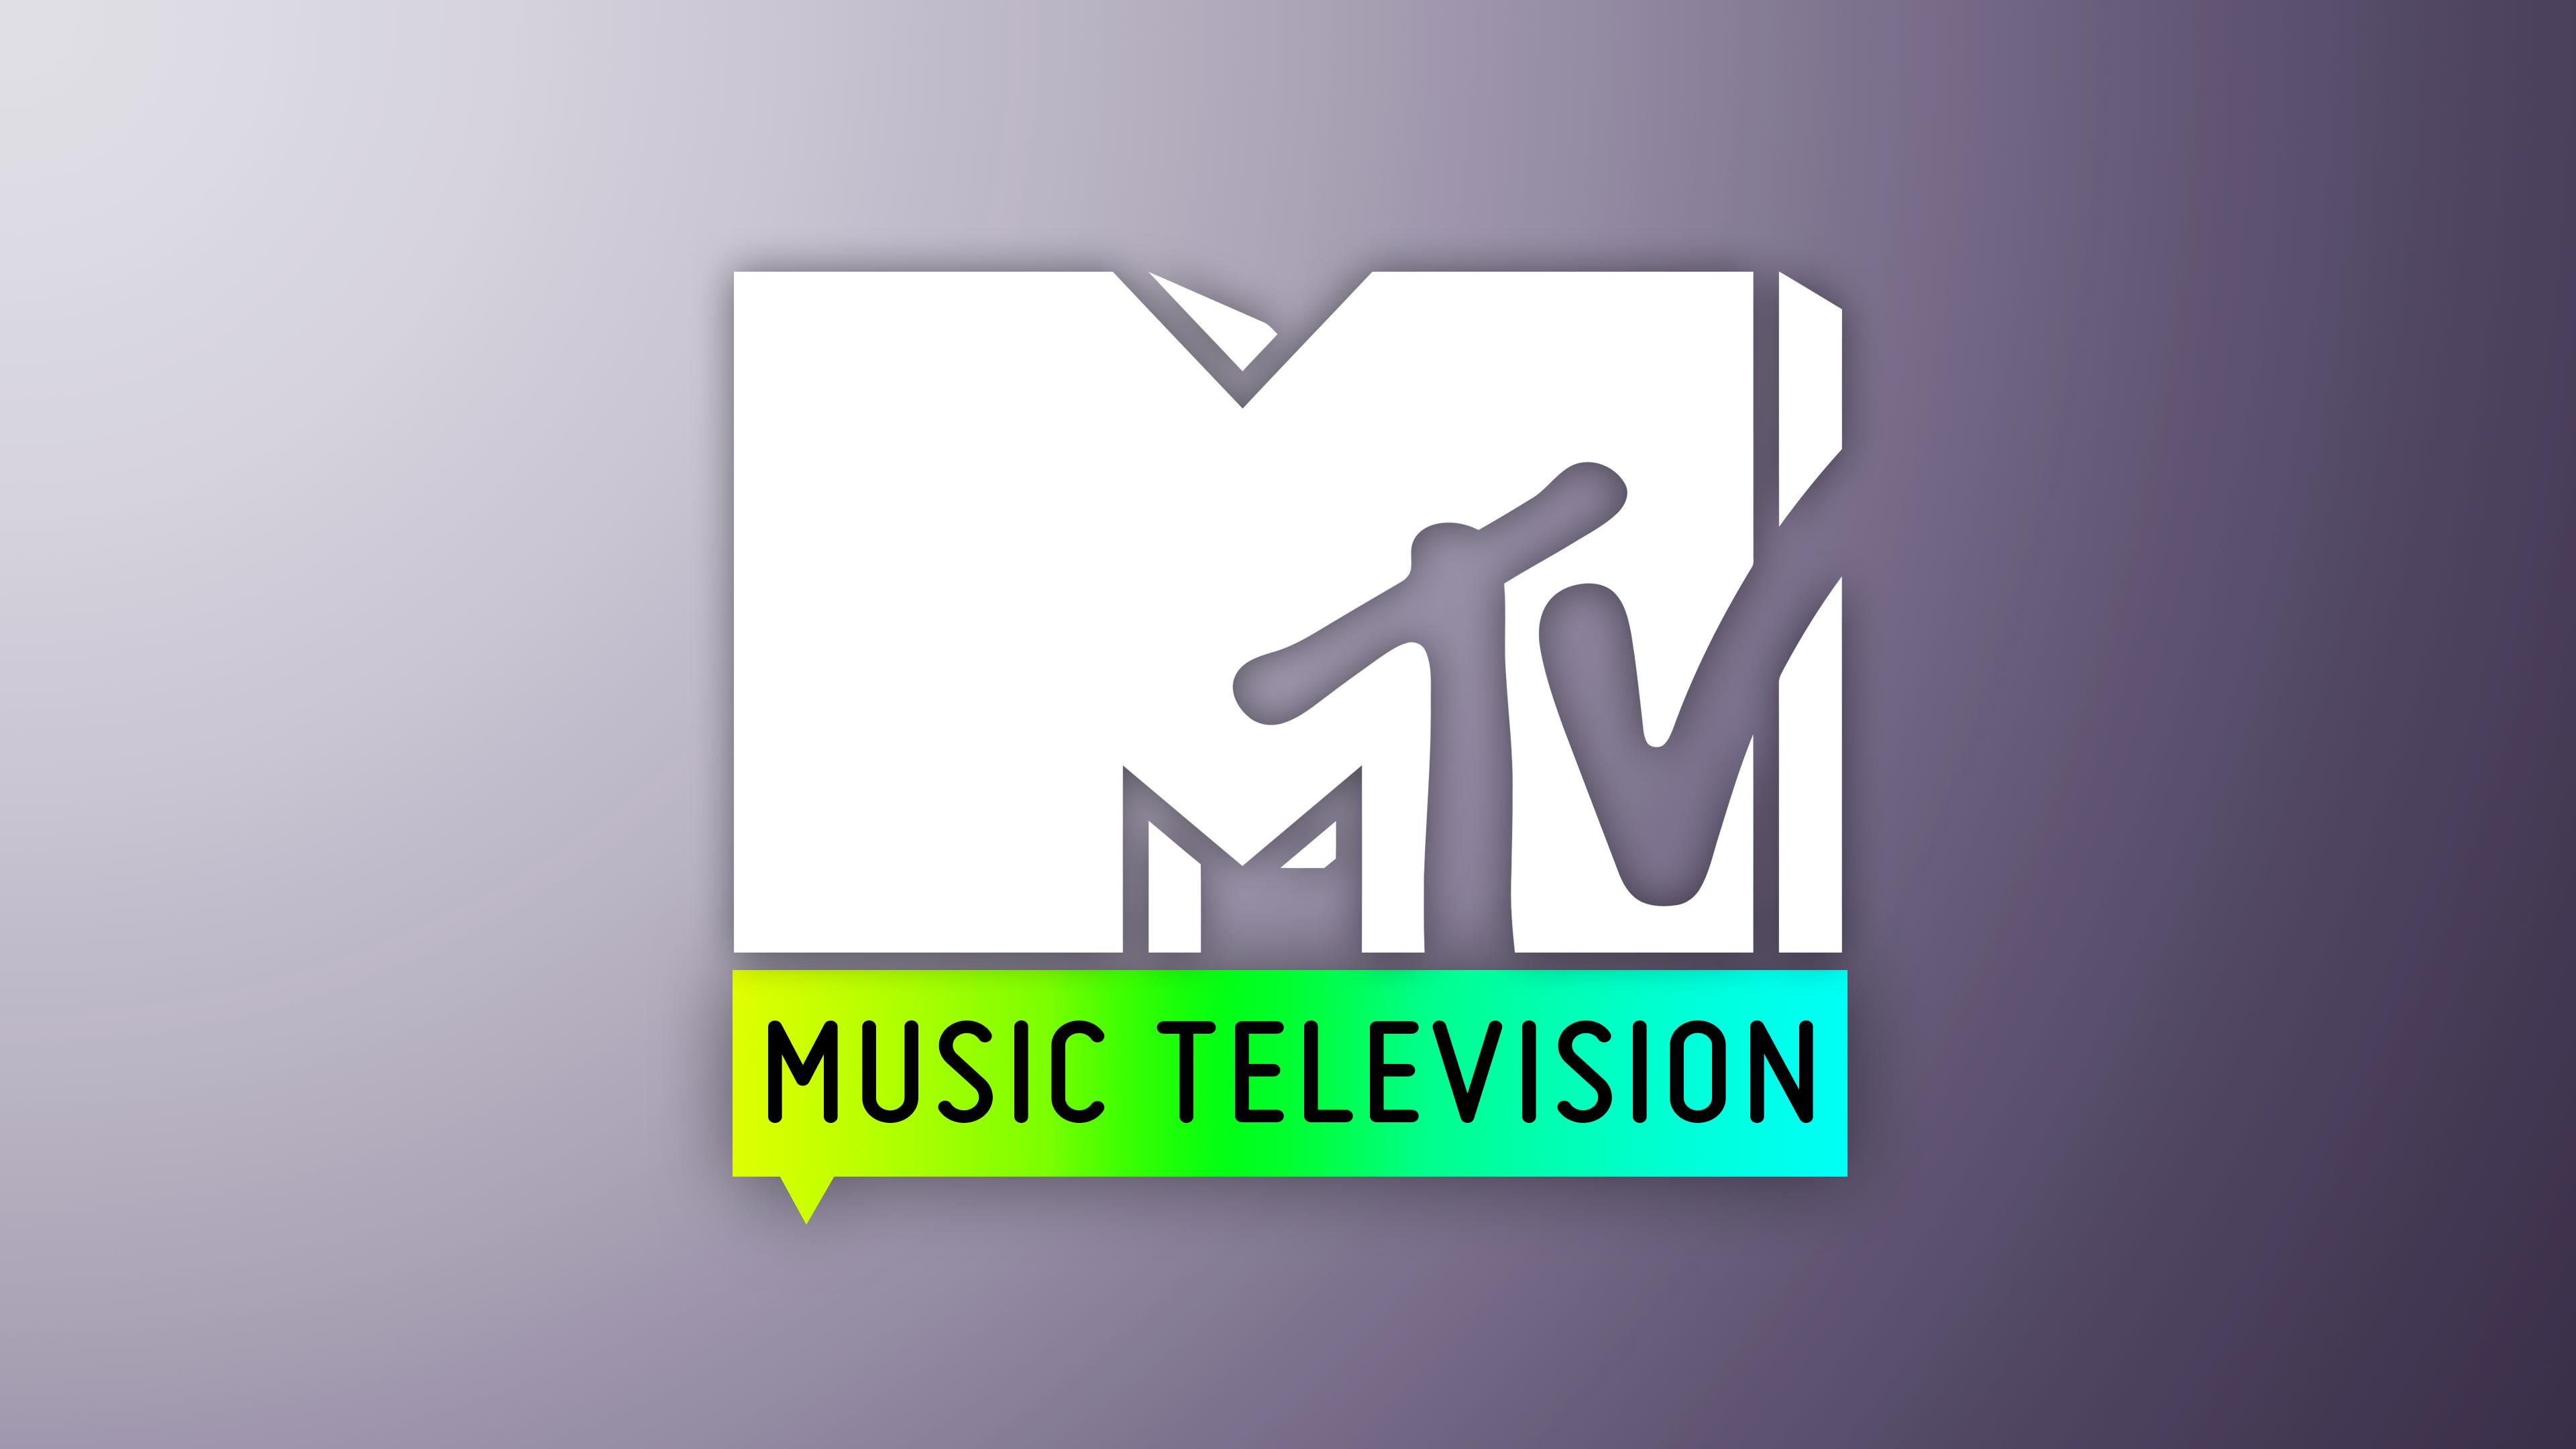 MTV Wallpaper by ElAdministrador on DeviantArt